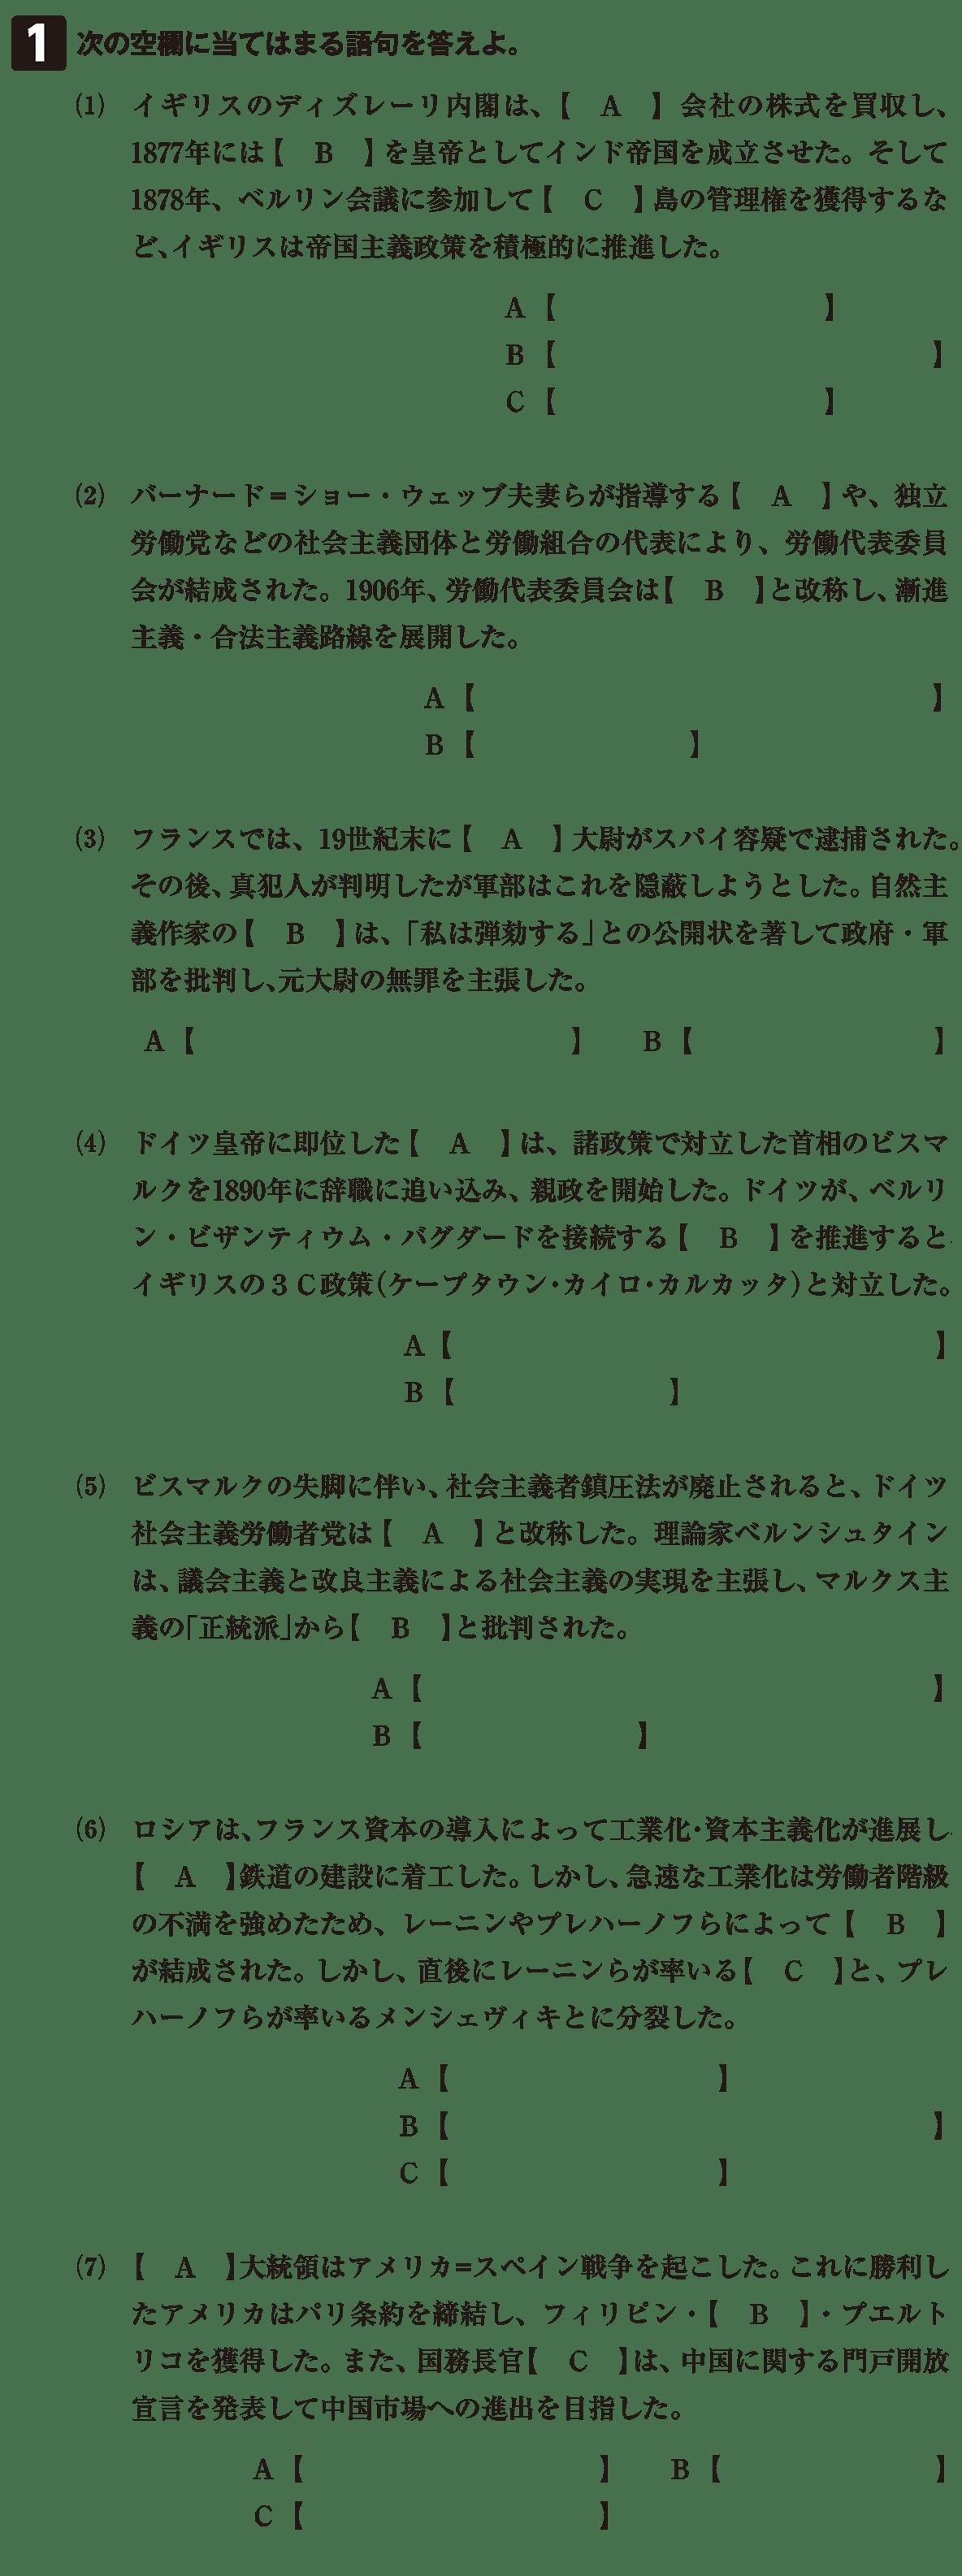 帝国主義の時代6 確認テスト(前半)